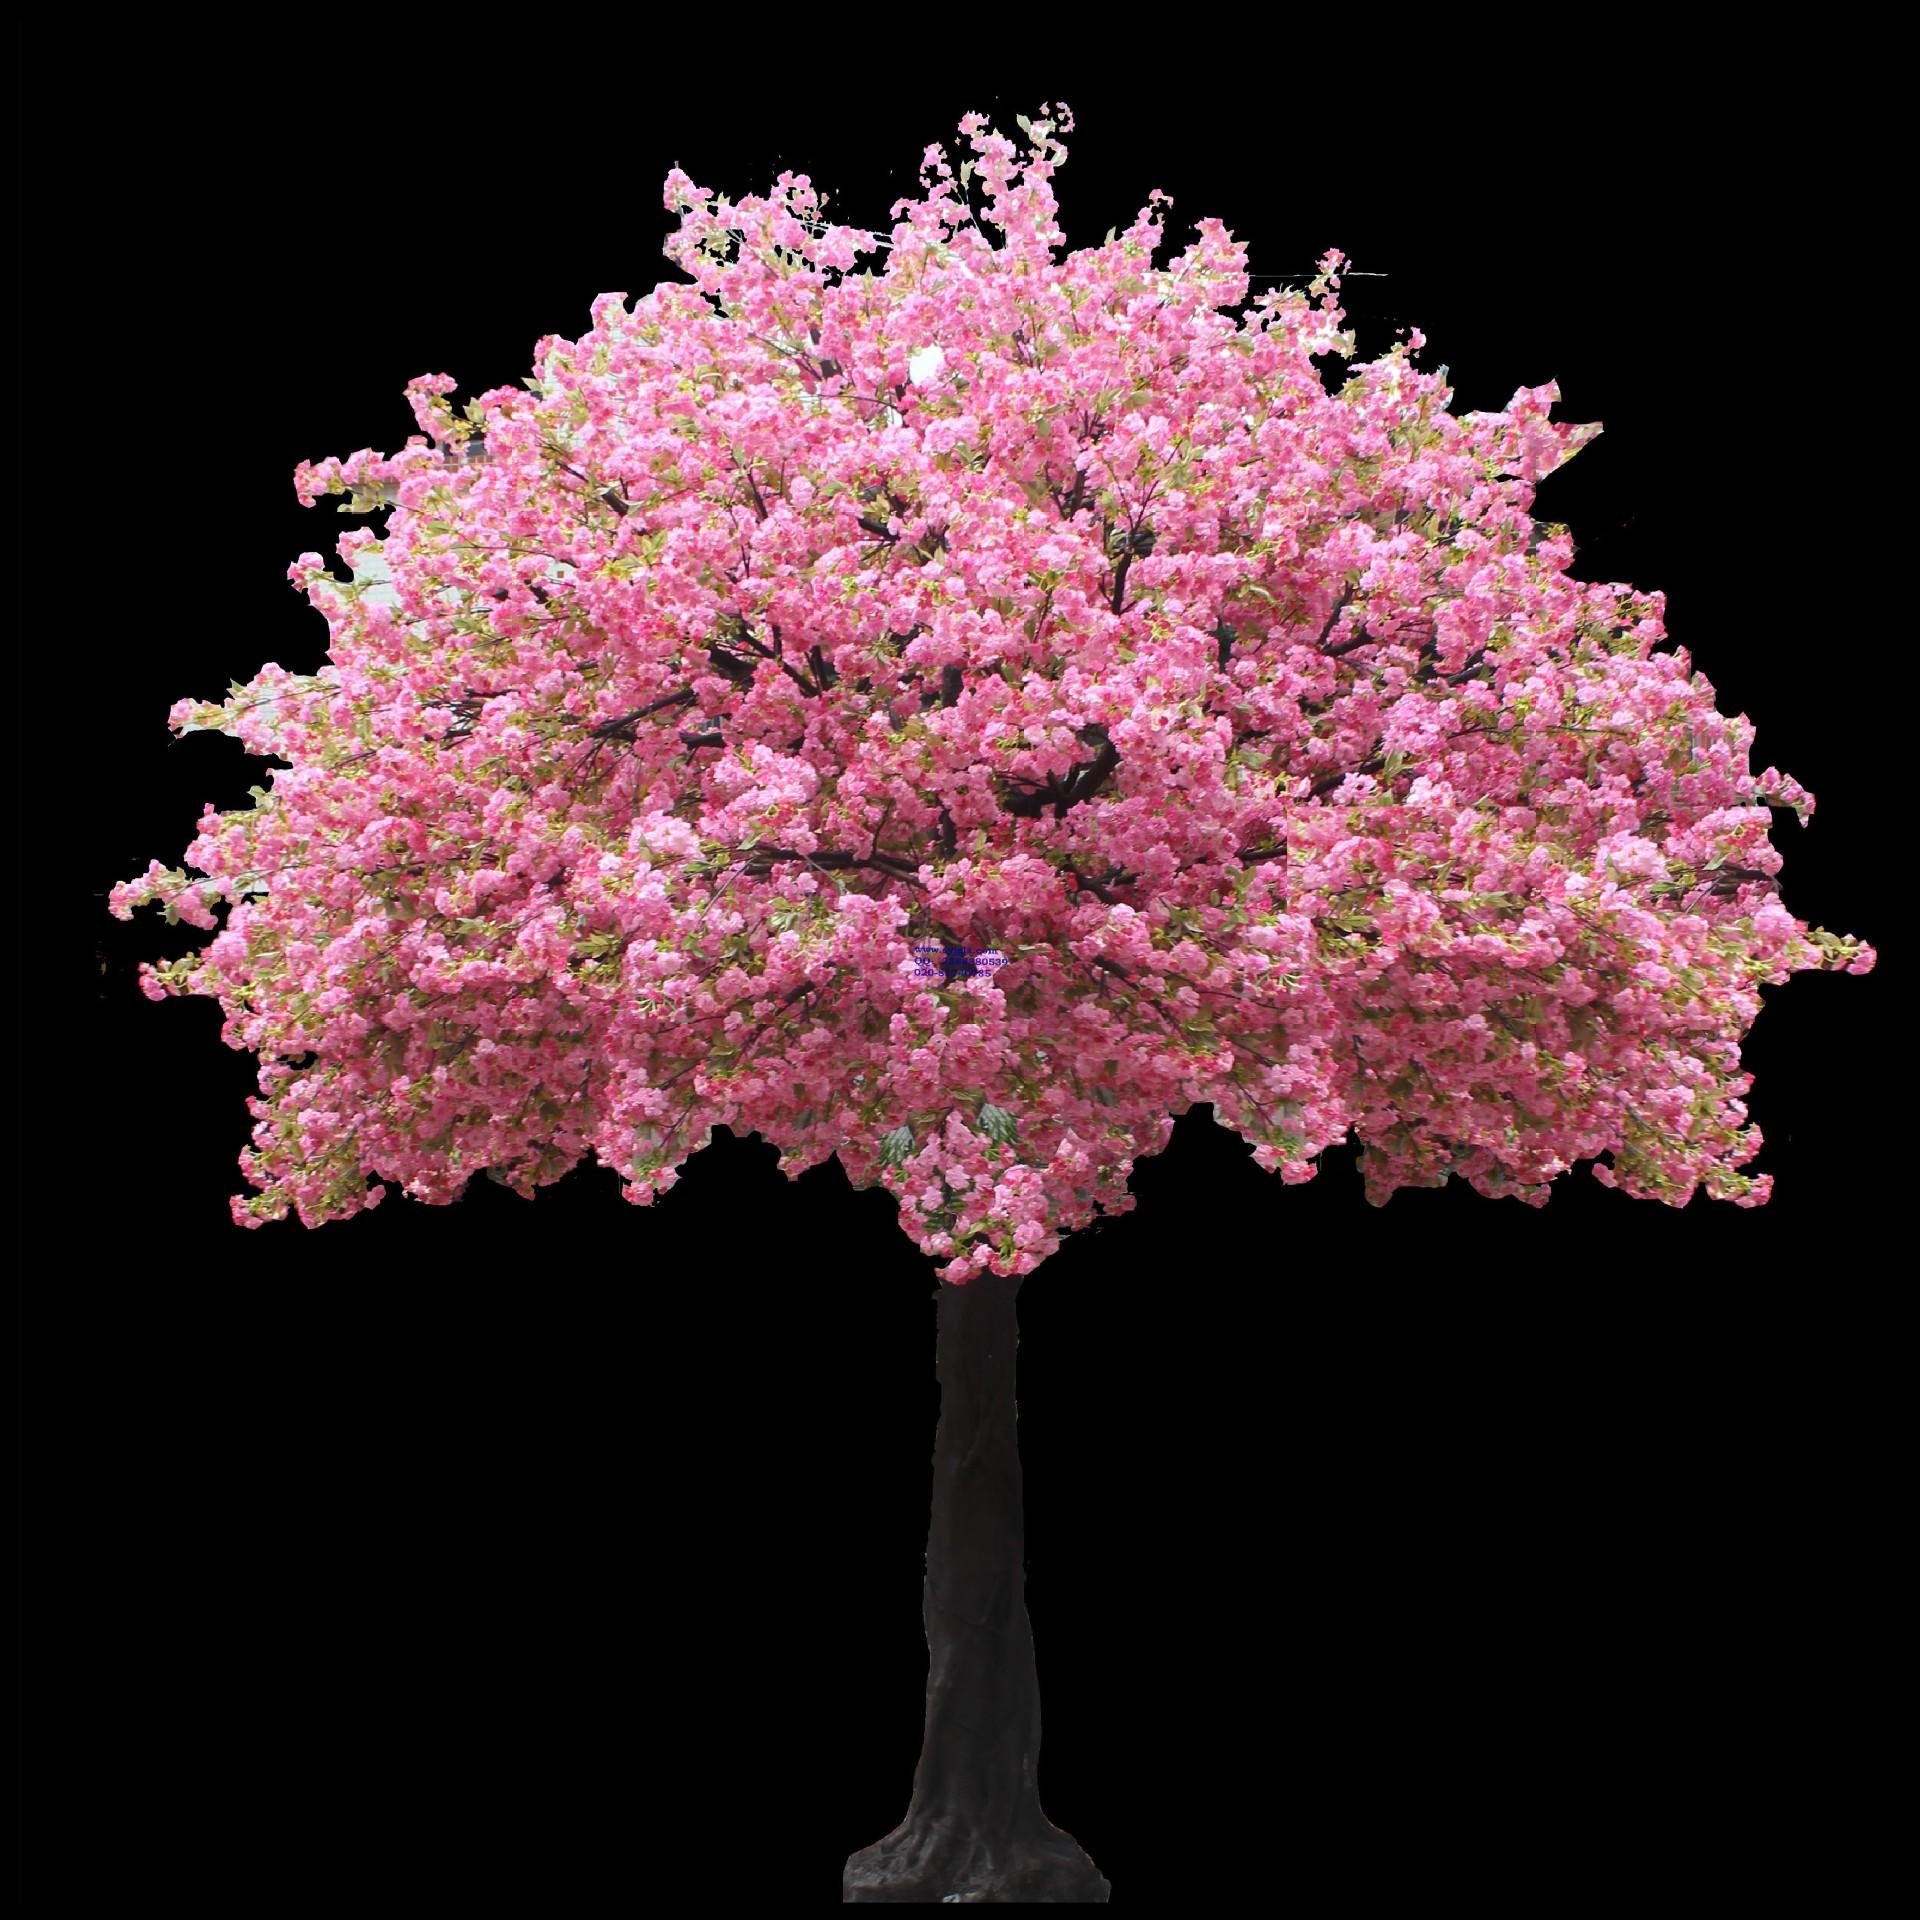 户外装饰仿真桃花树 时尚美观仿真桃花树枝